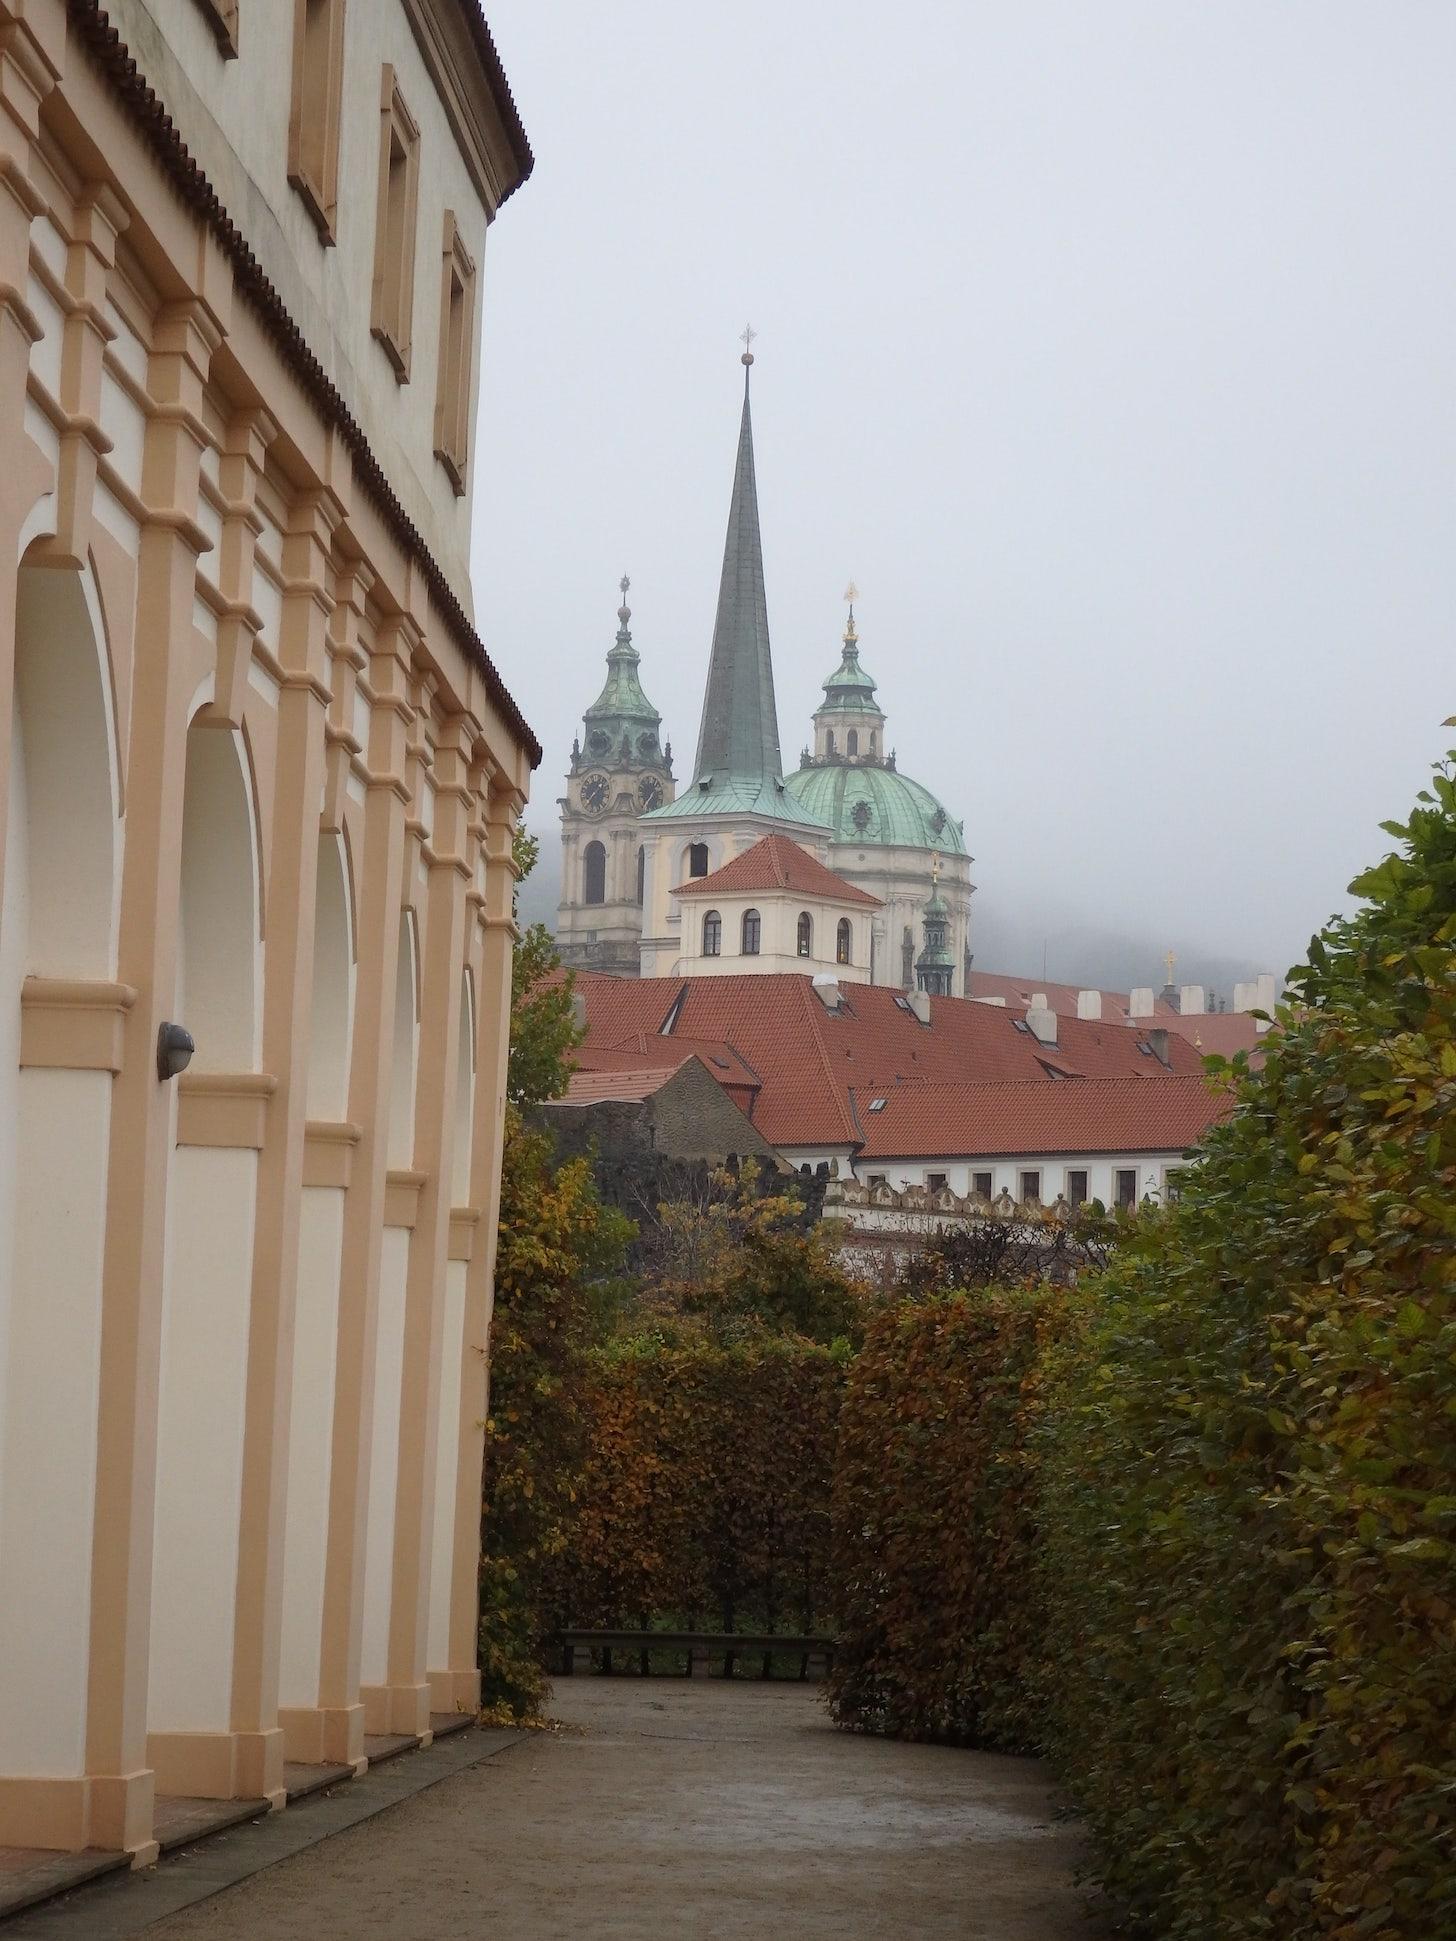 kościół św. Tomasza widoczny z ogrodów Wallensteina